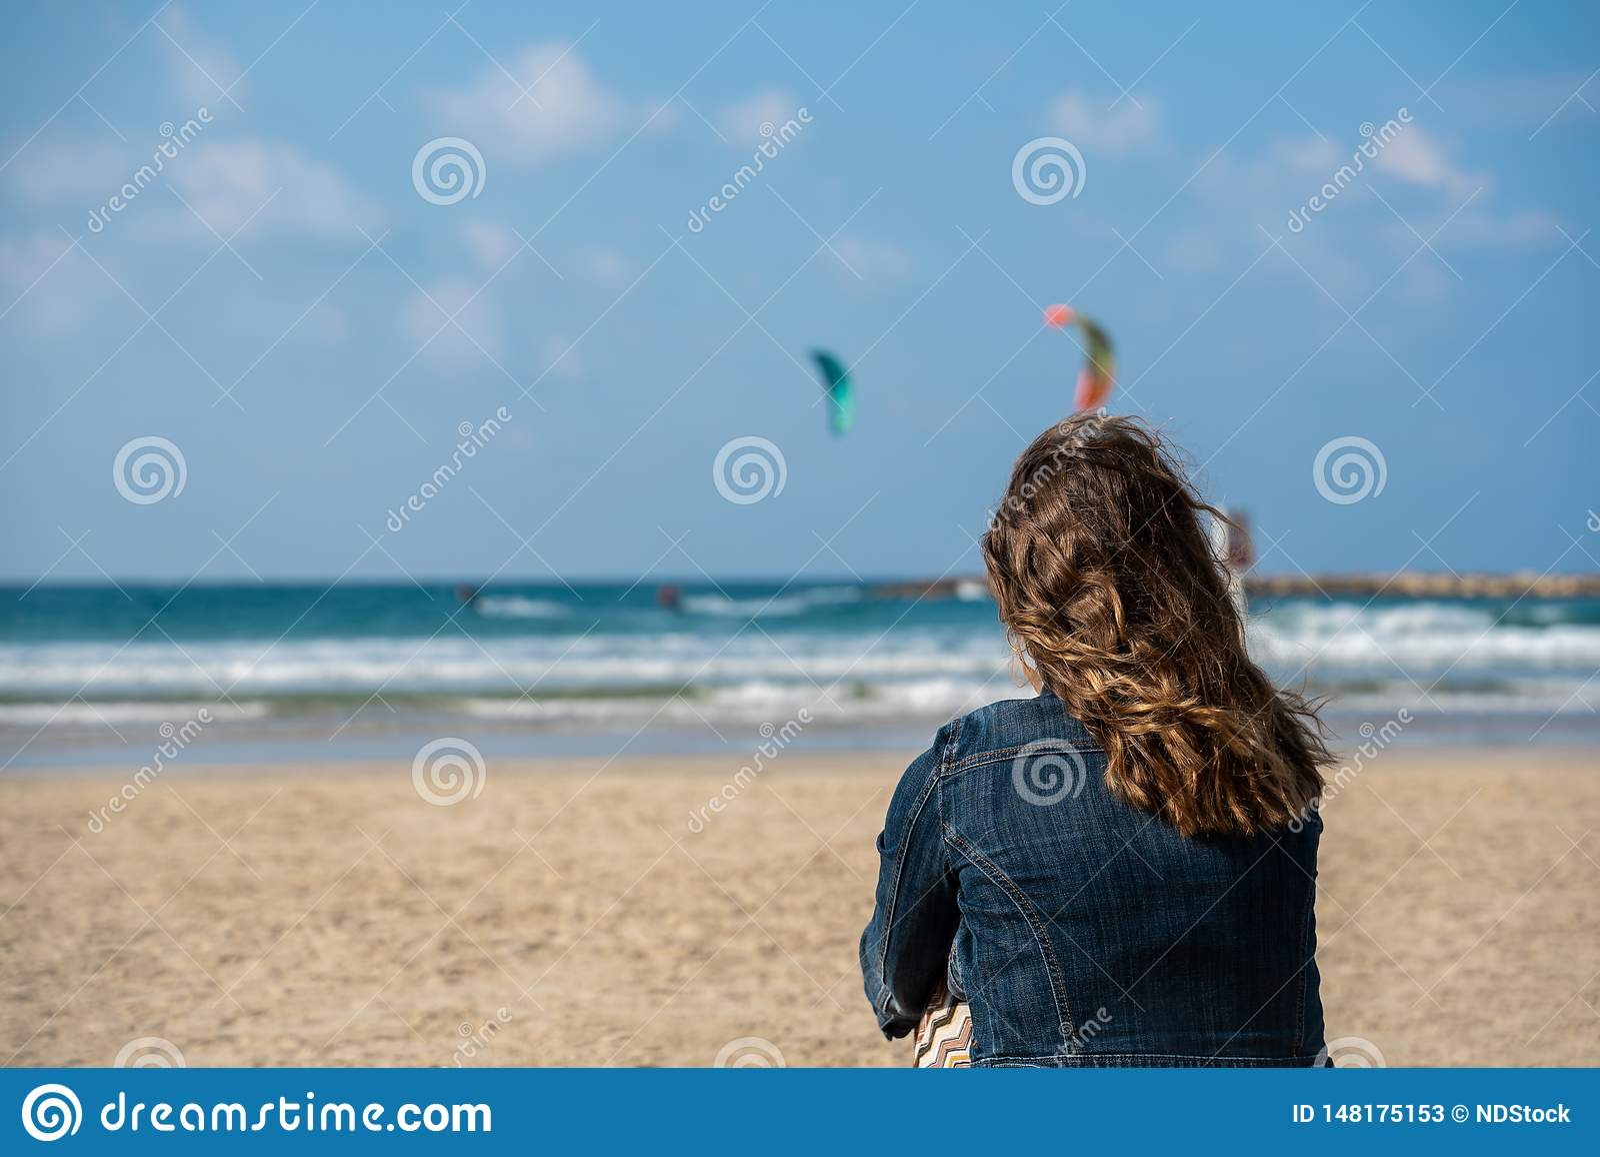 Εικόνα μιας γυναίκας στην παραλία που εξετάζει δύο kitesurfers στη θάλασσα